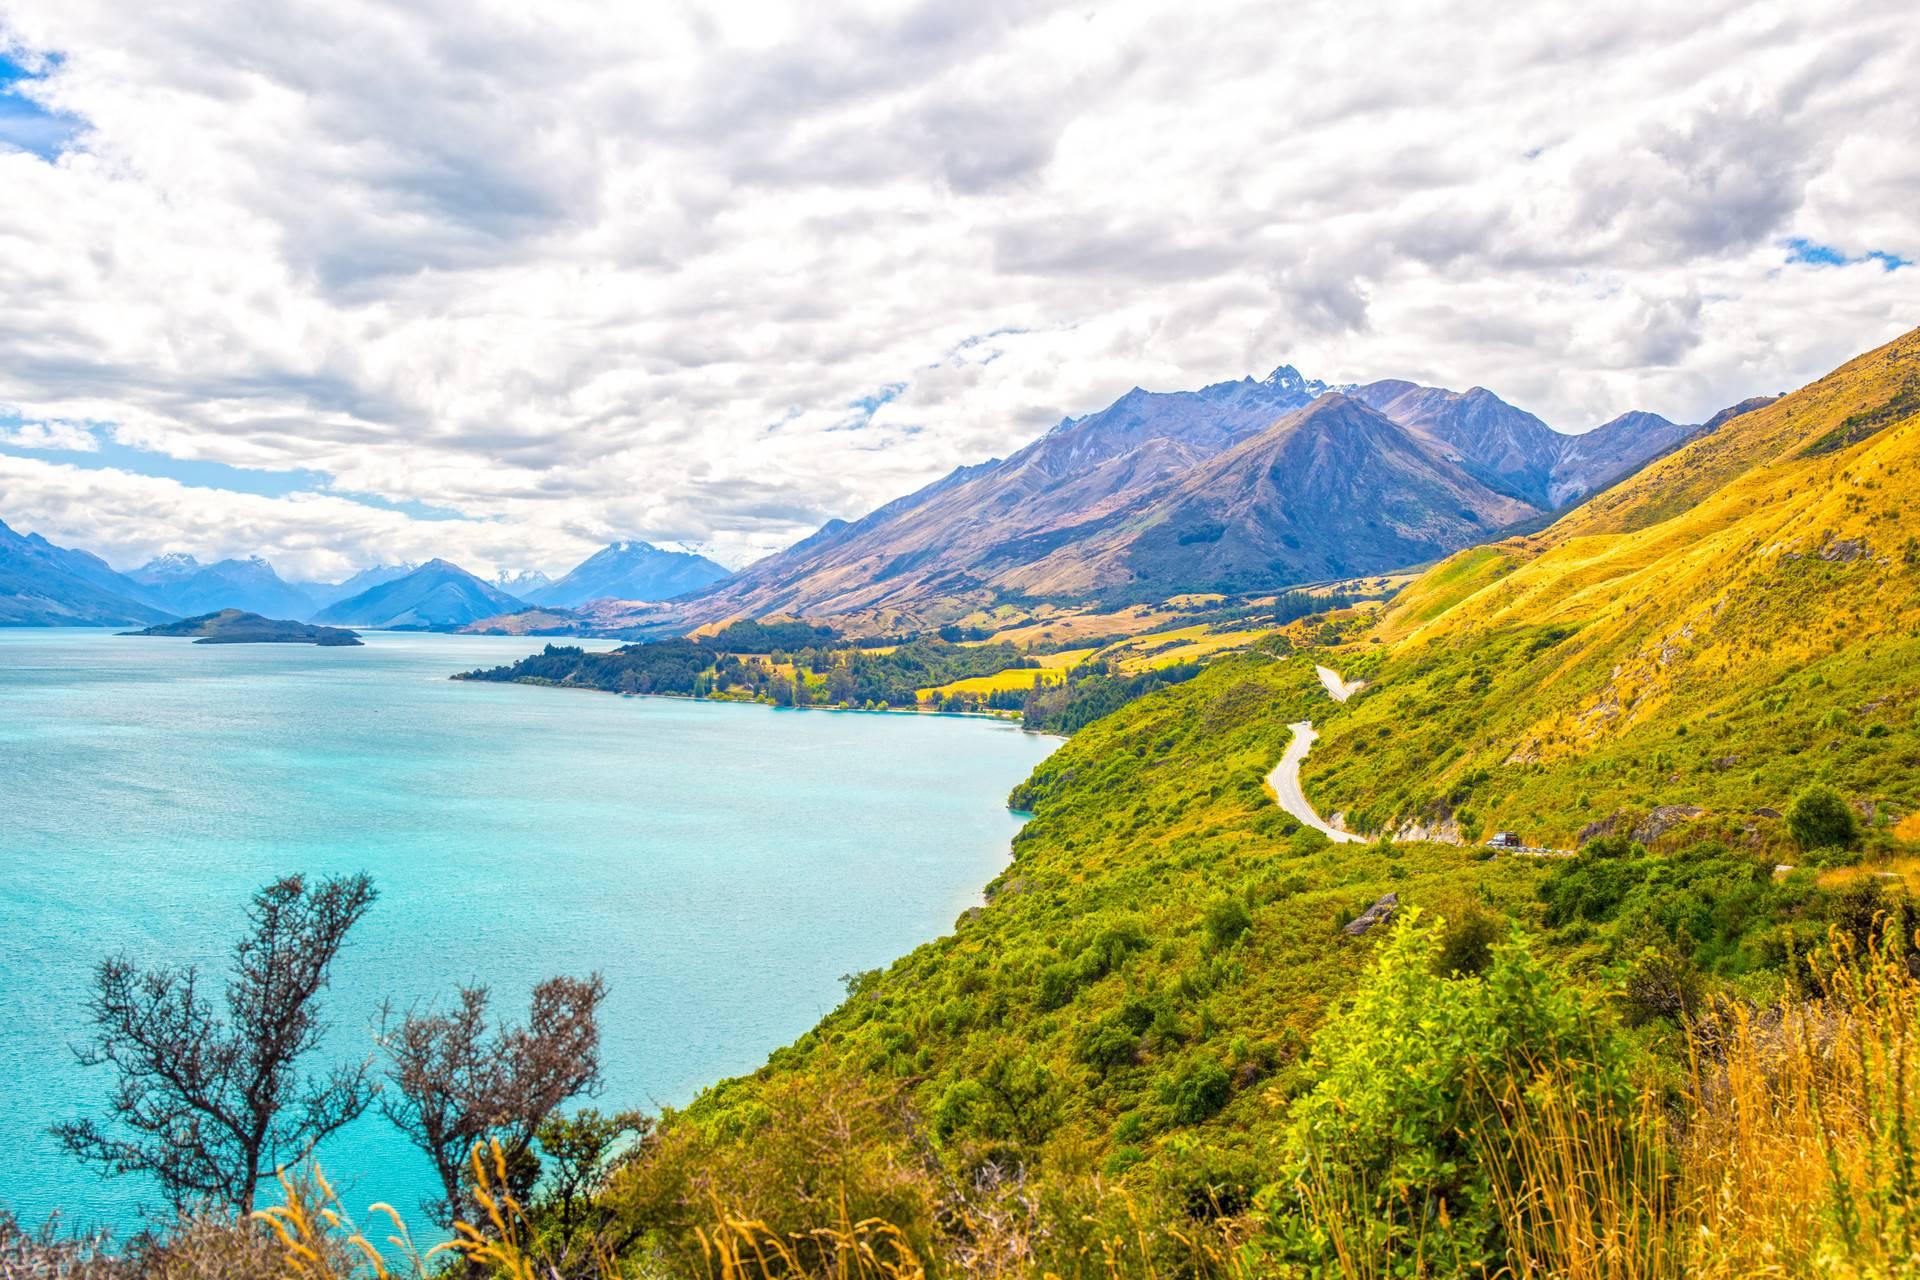 【自驾】新西兰·南岛+皇后镇+基督城·13天10晚魔幻之旅